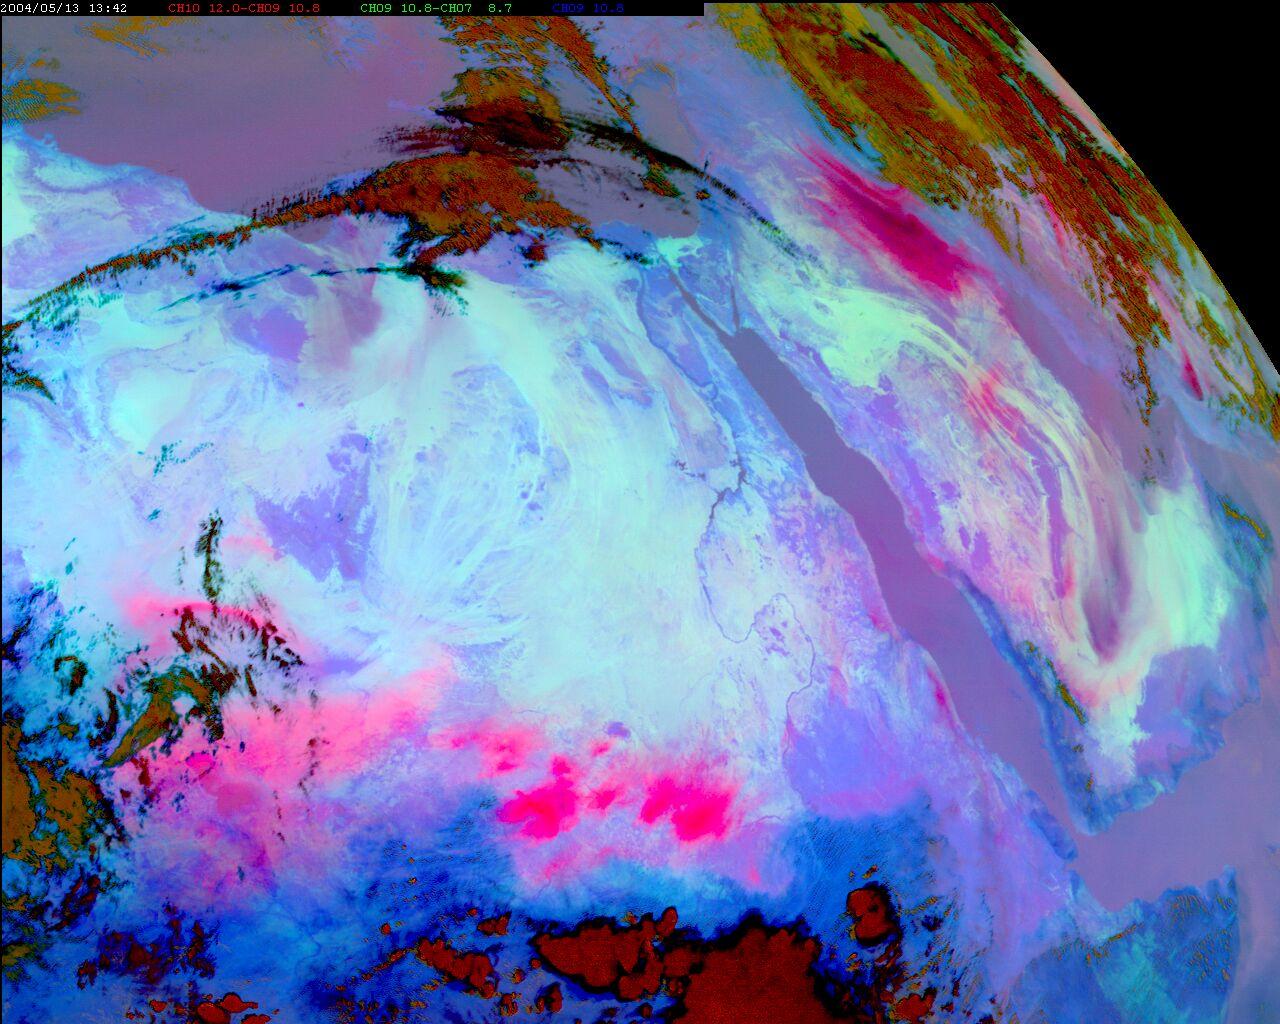 Met-8, 13 May 2004, 13:30 UTC